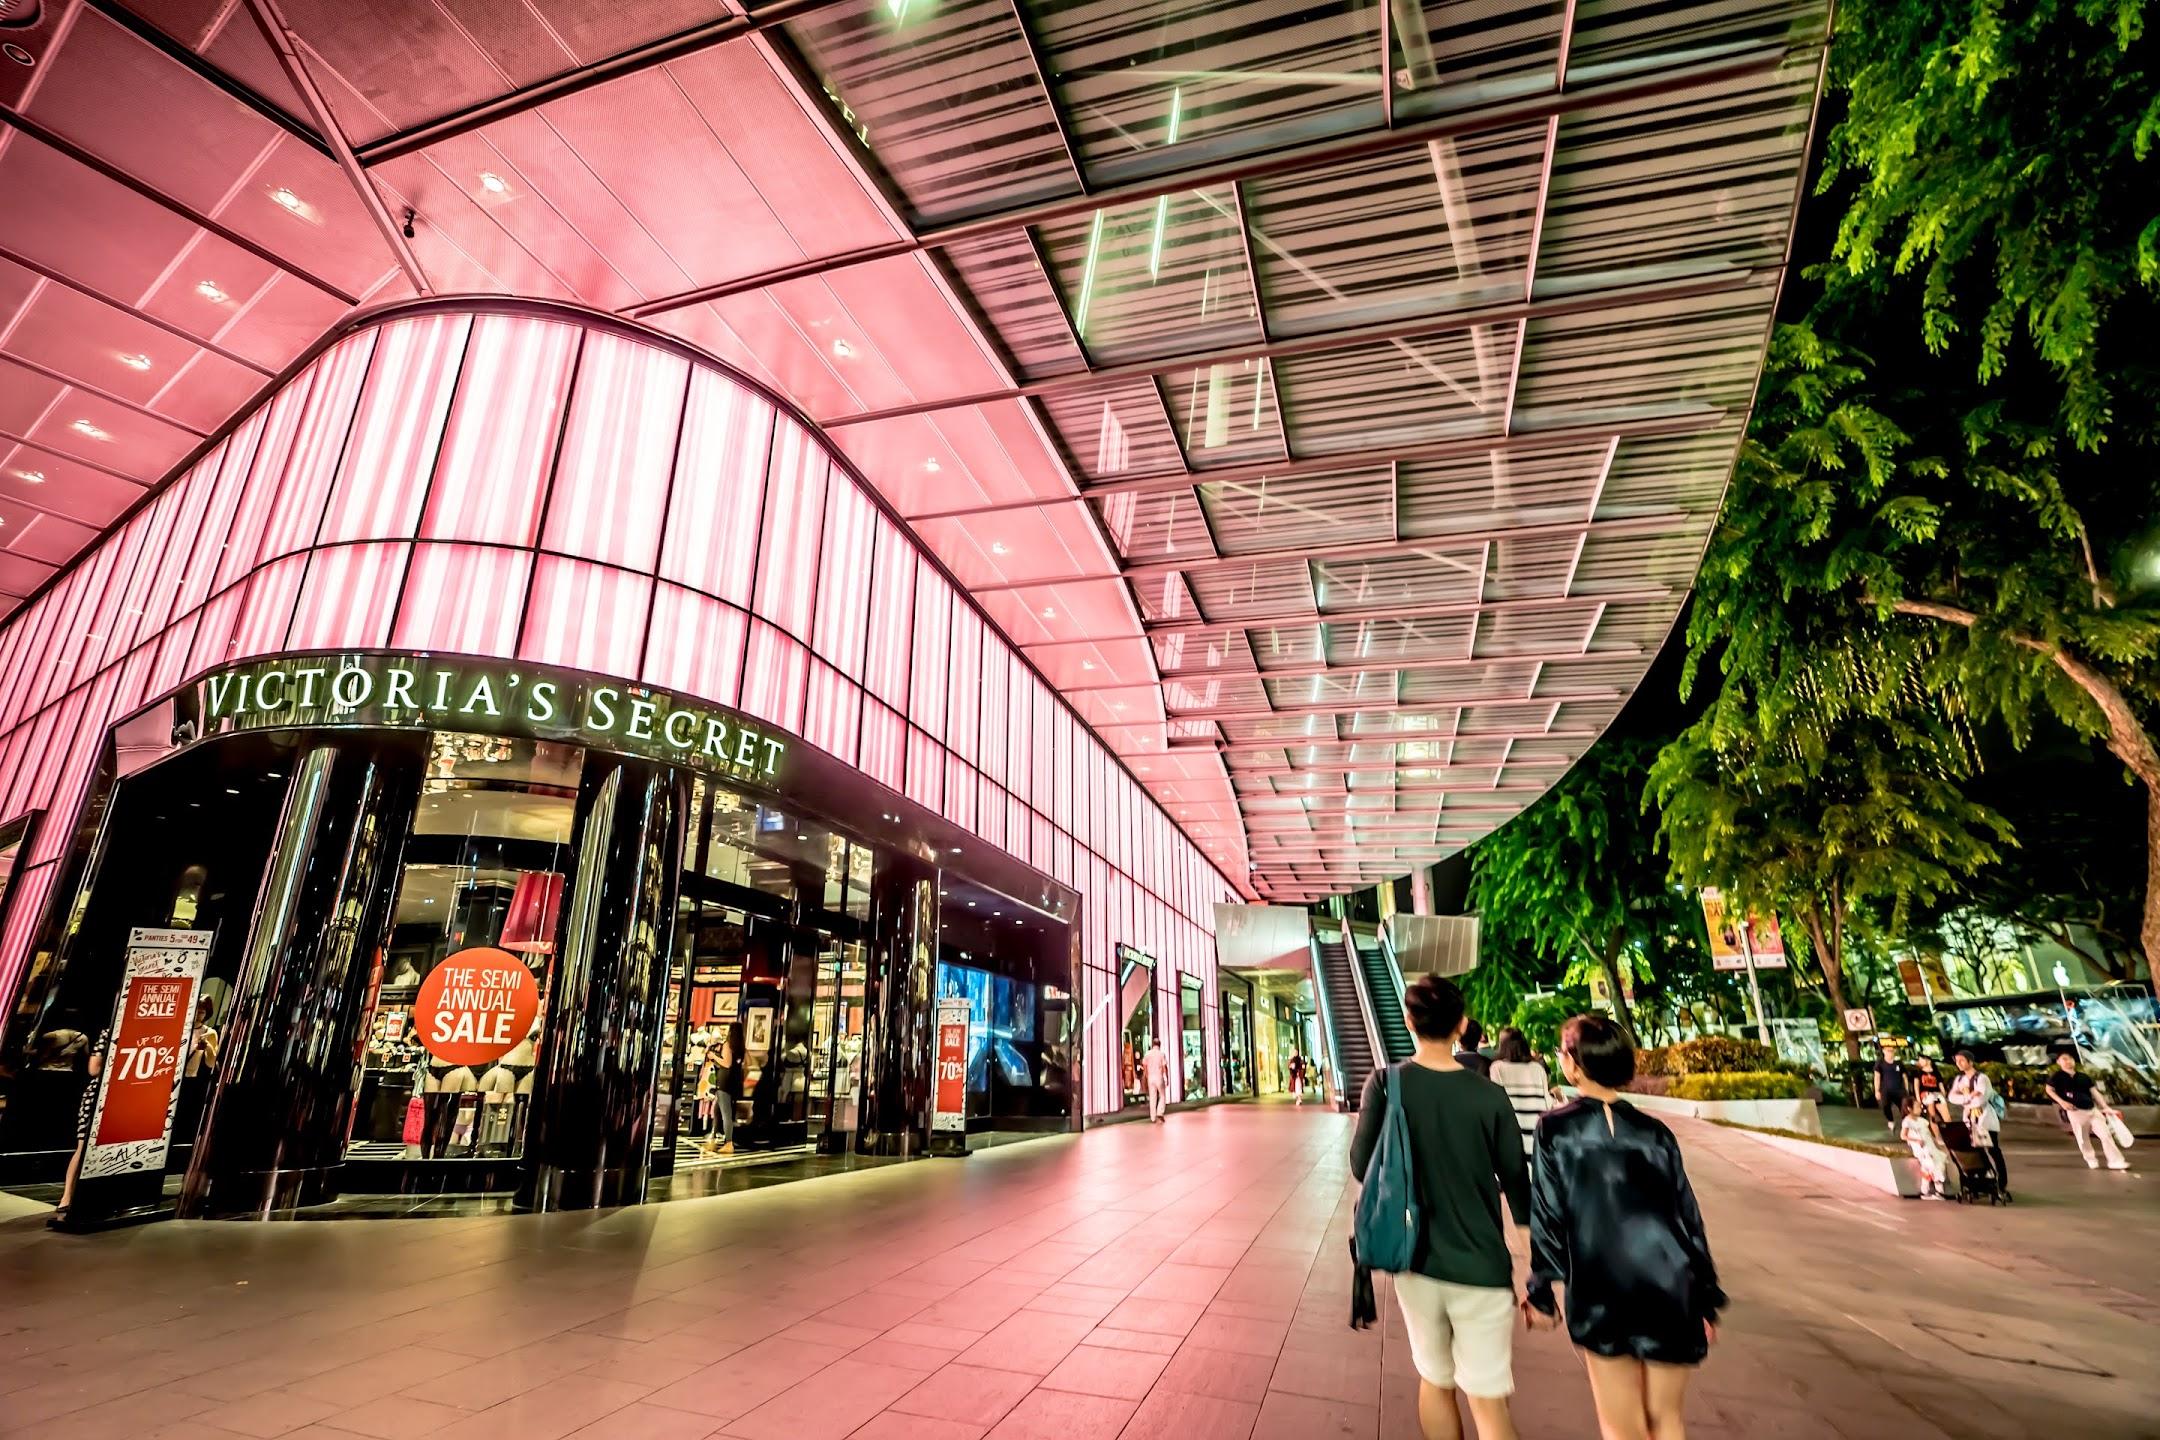 Singapore Victoria's Secret1